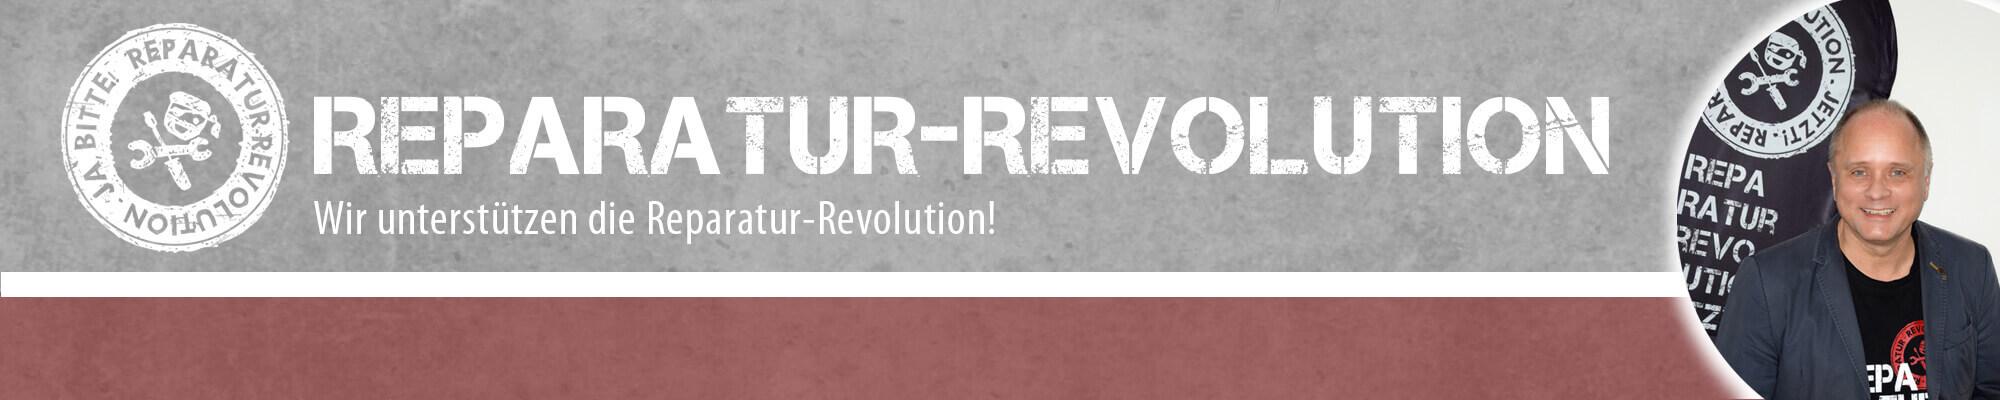 Titelbild Reparatur-Revolution